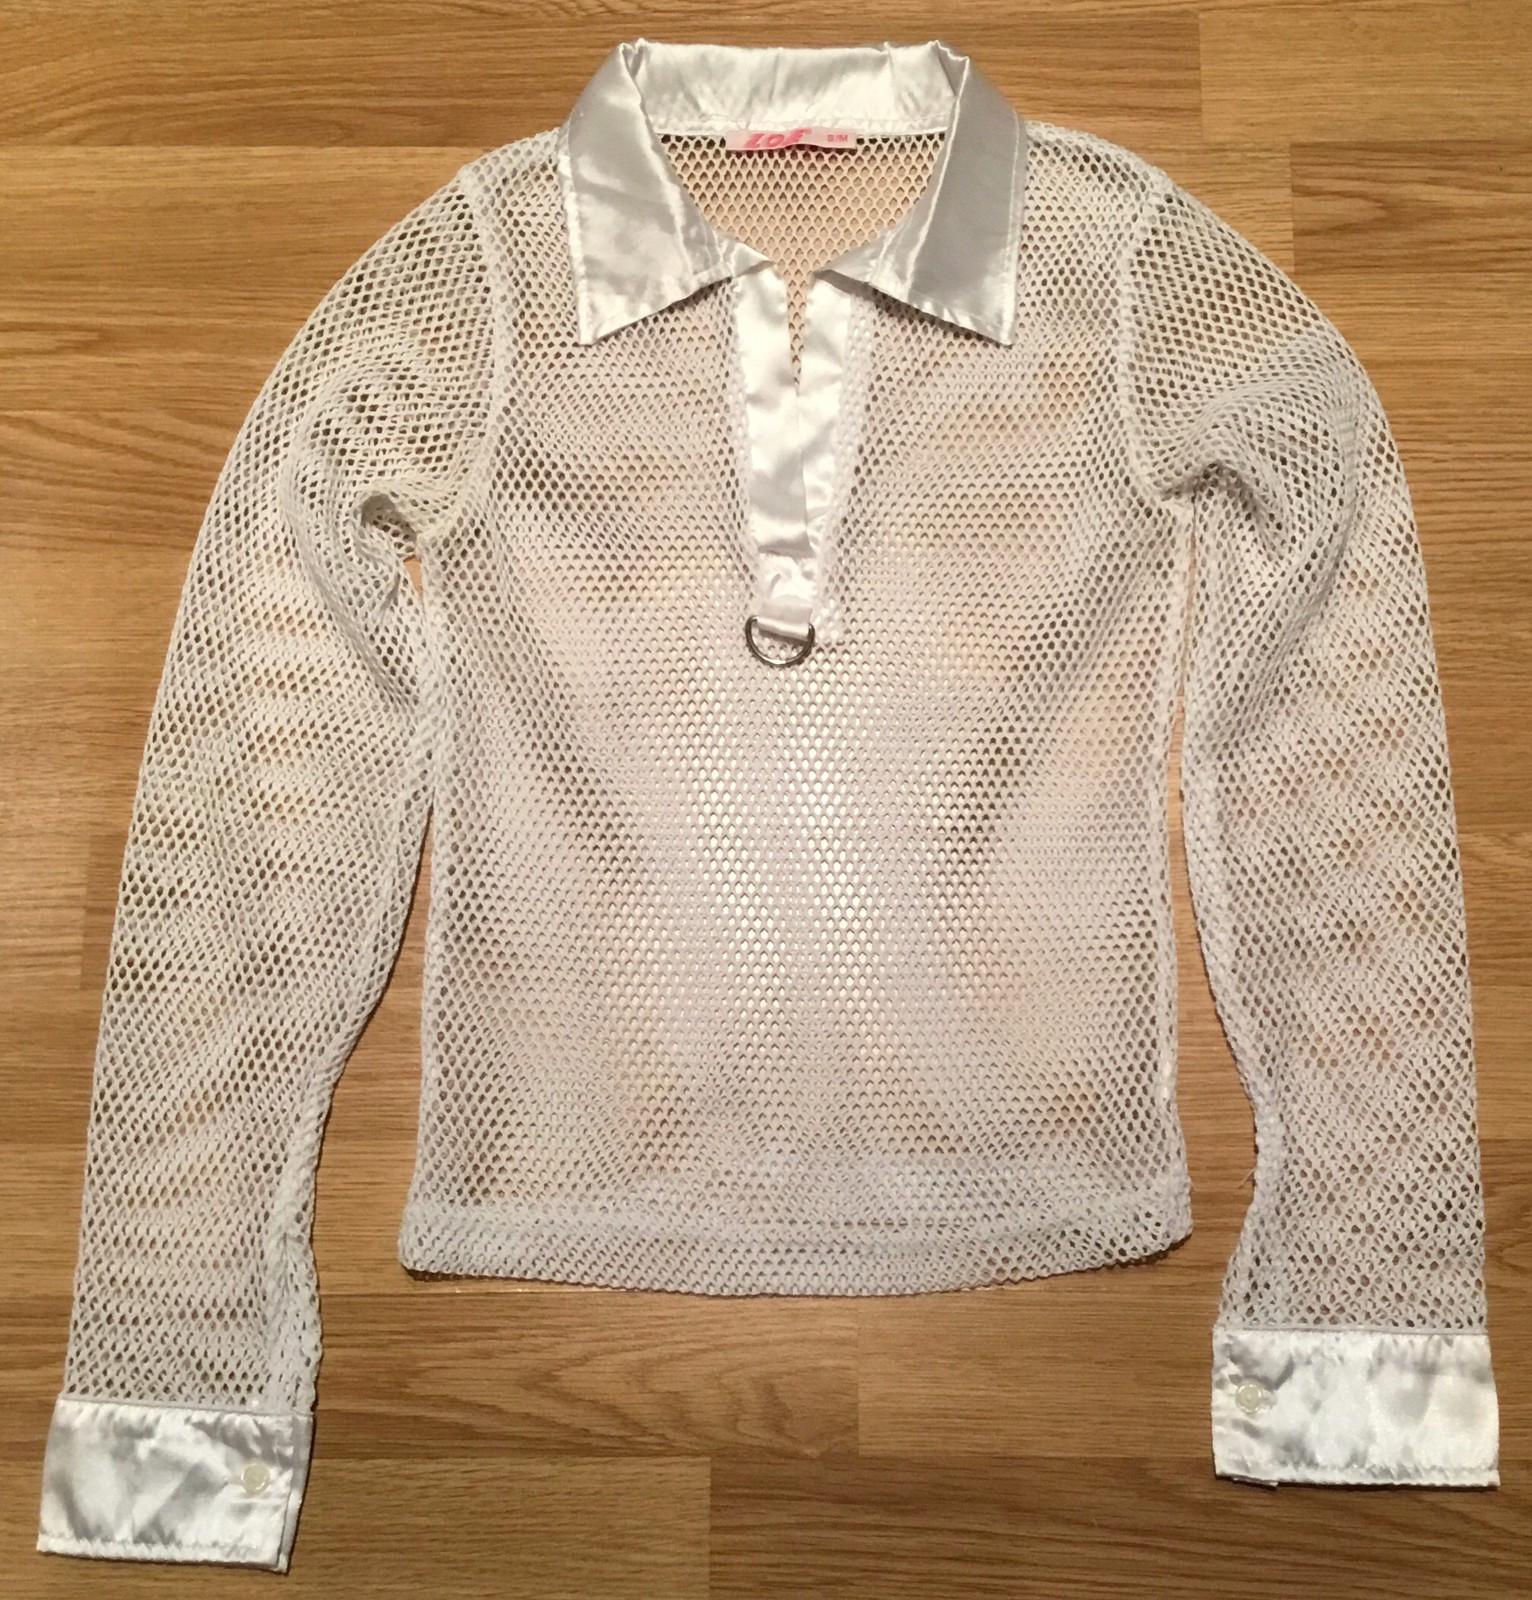 6 T skjorter muten krage selges billig ulike merker str